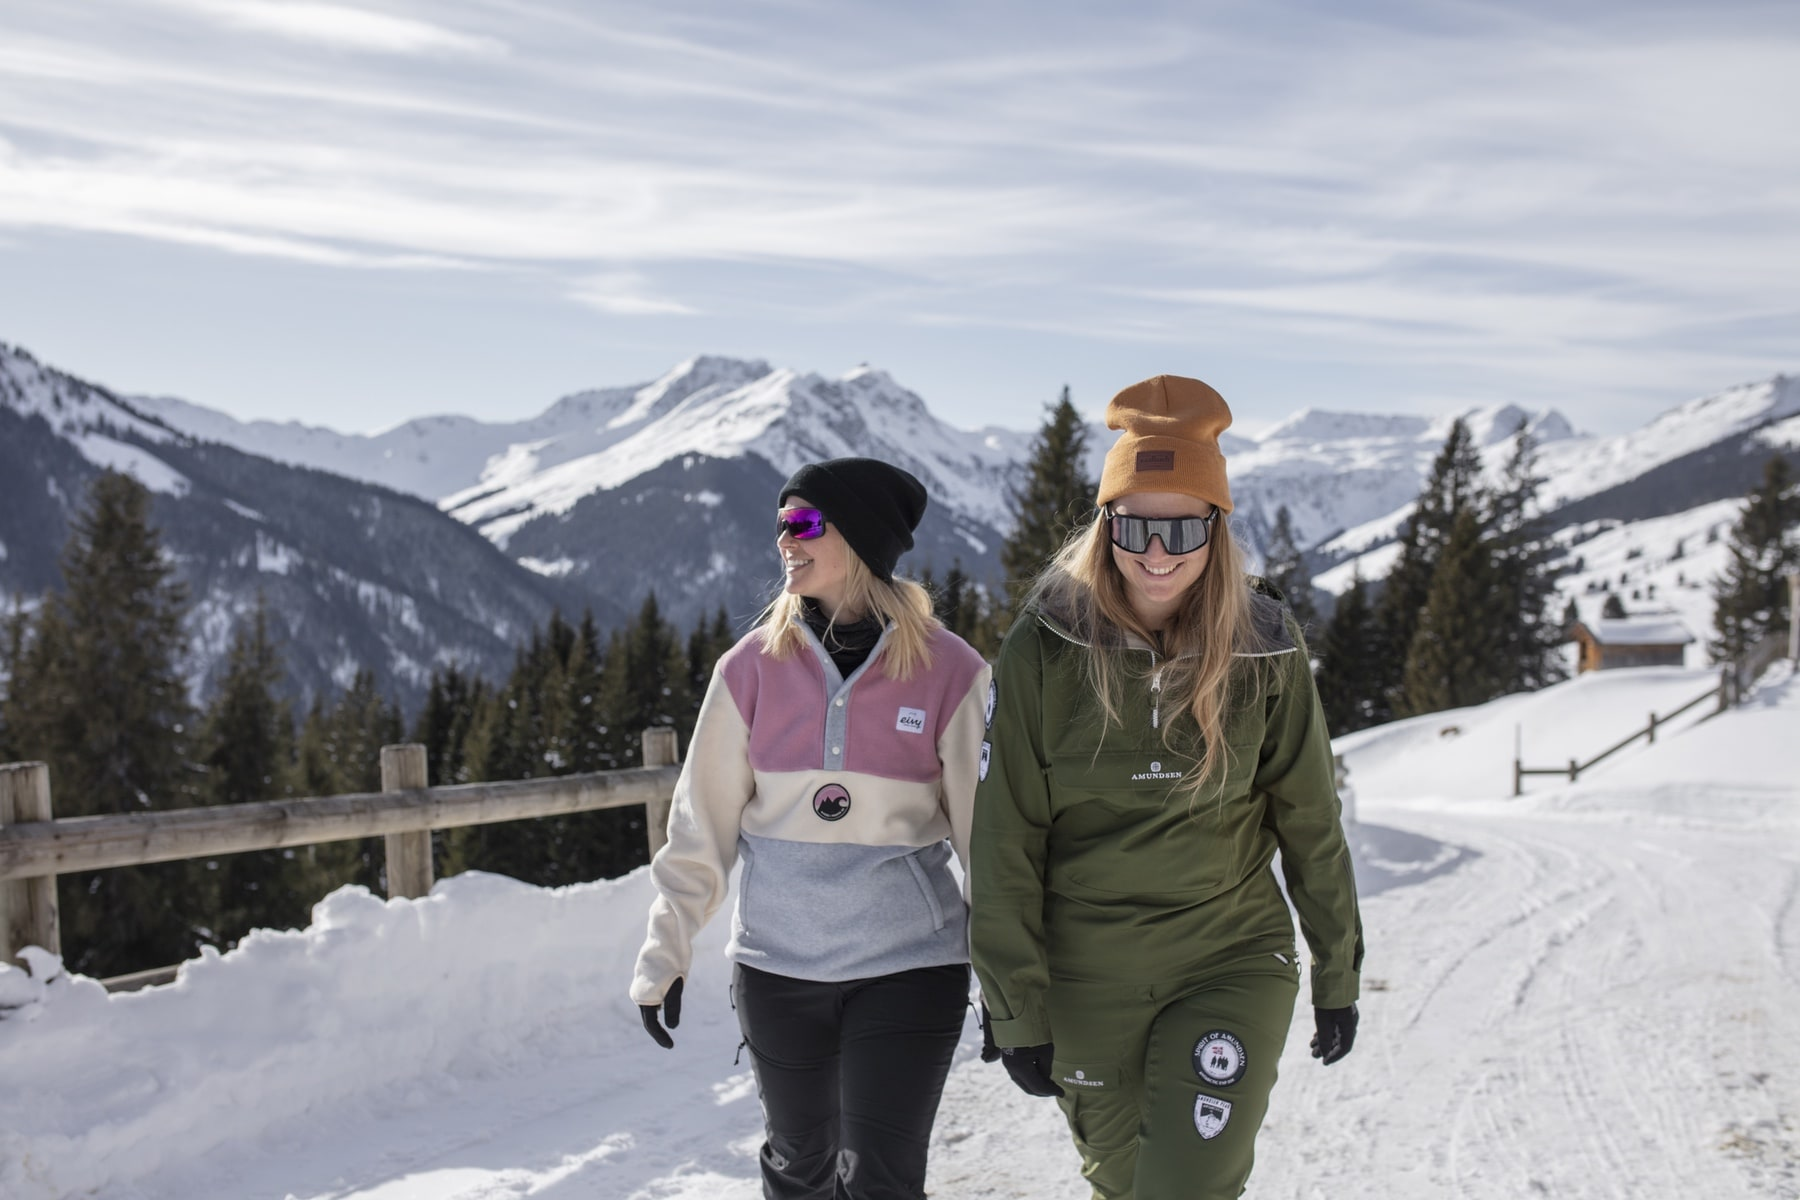 Winterwandern _ Winter Hiking 8688x5792